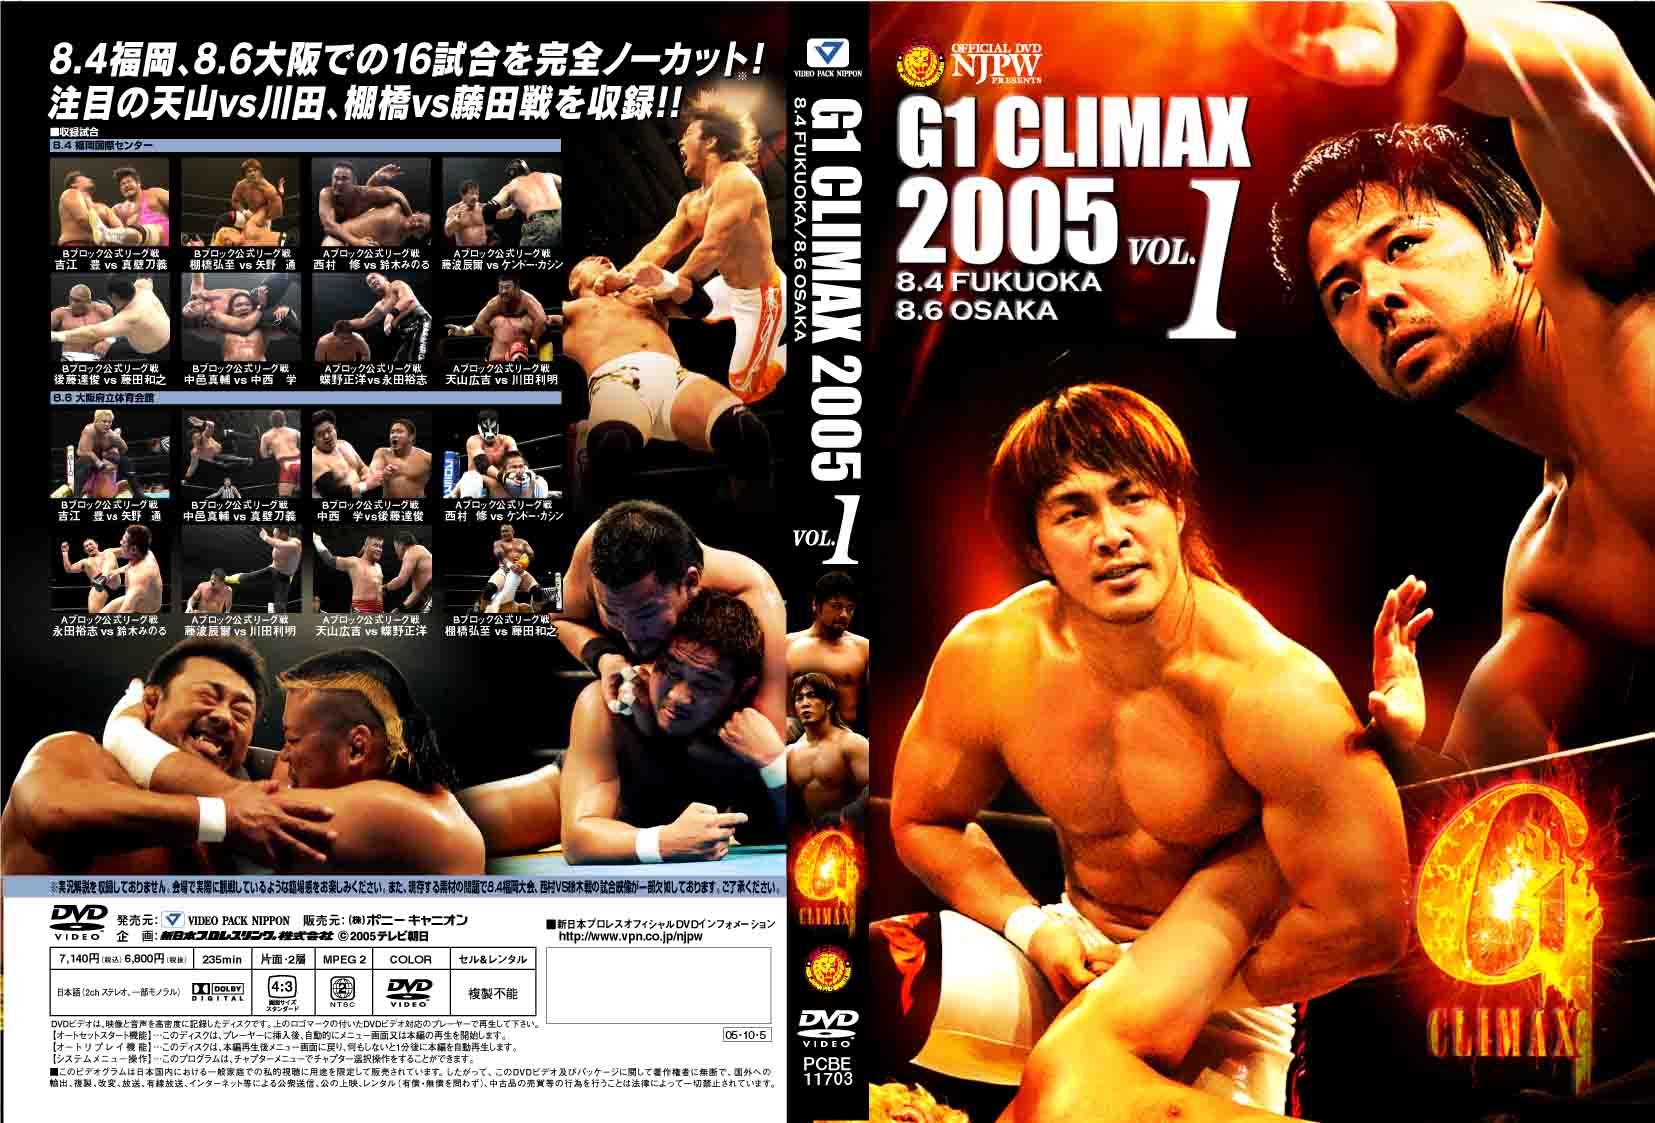 climax2005 vol.1